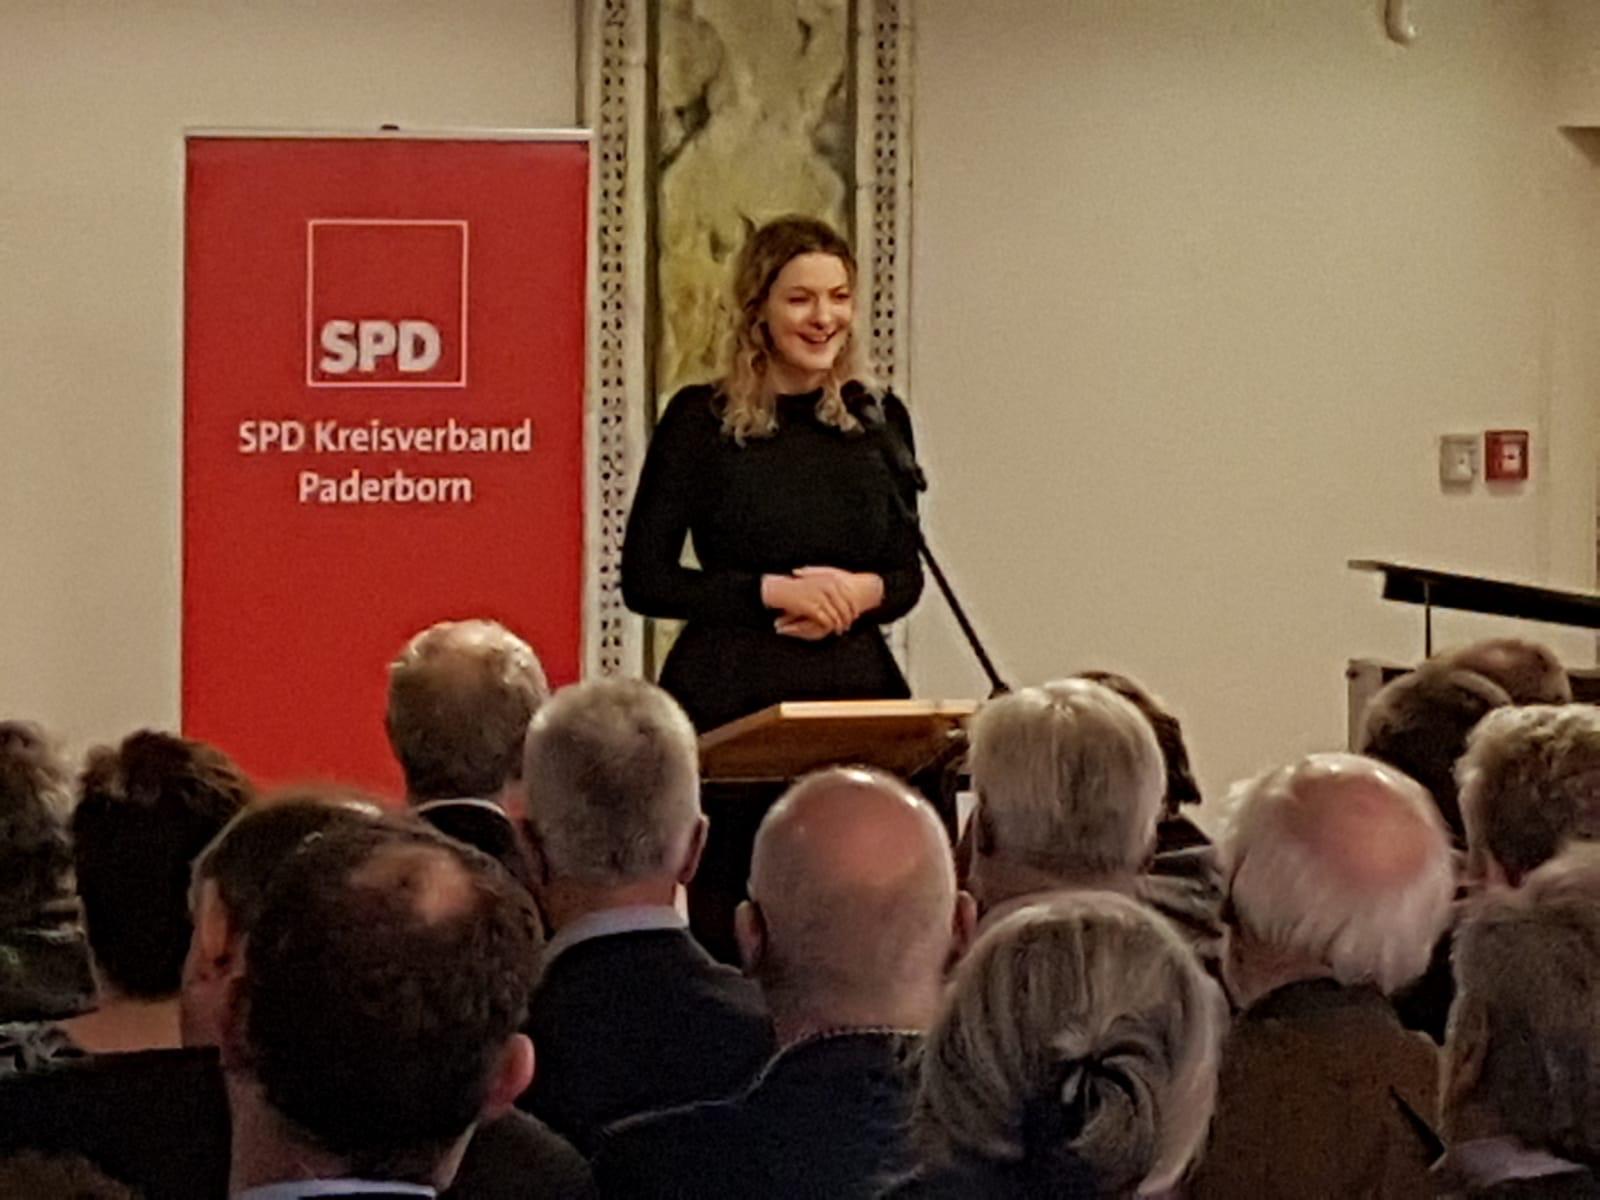 SPD Paderborn